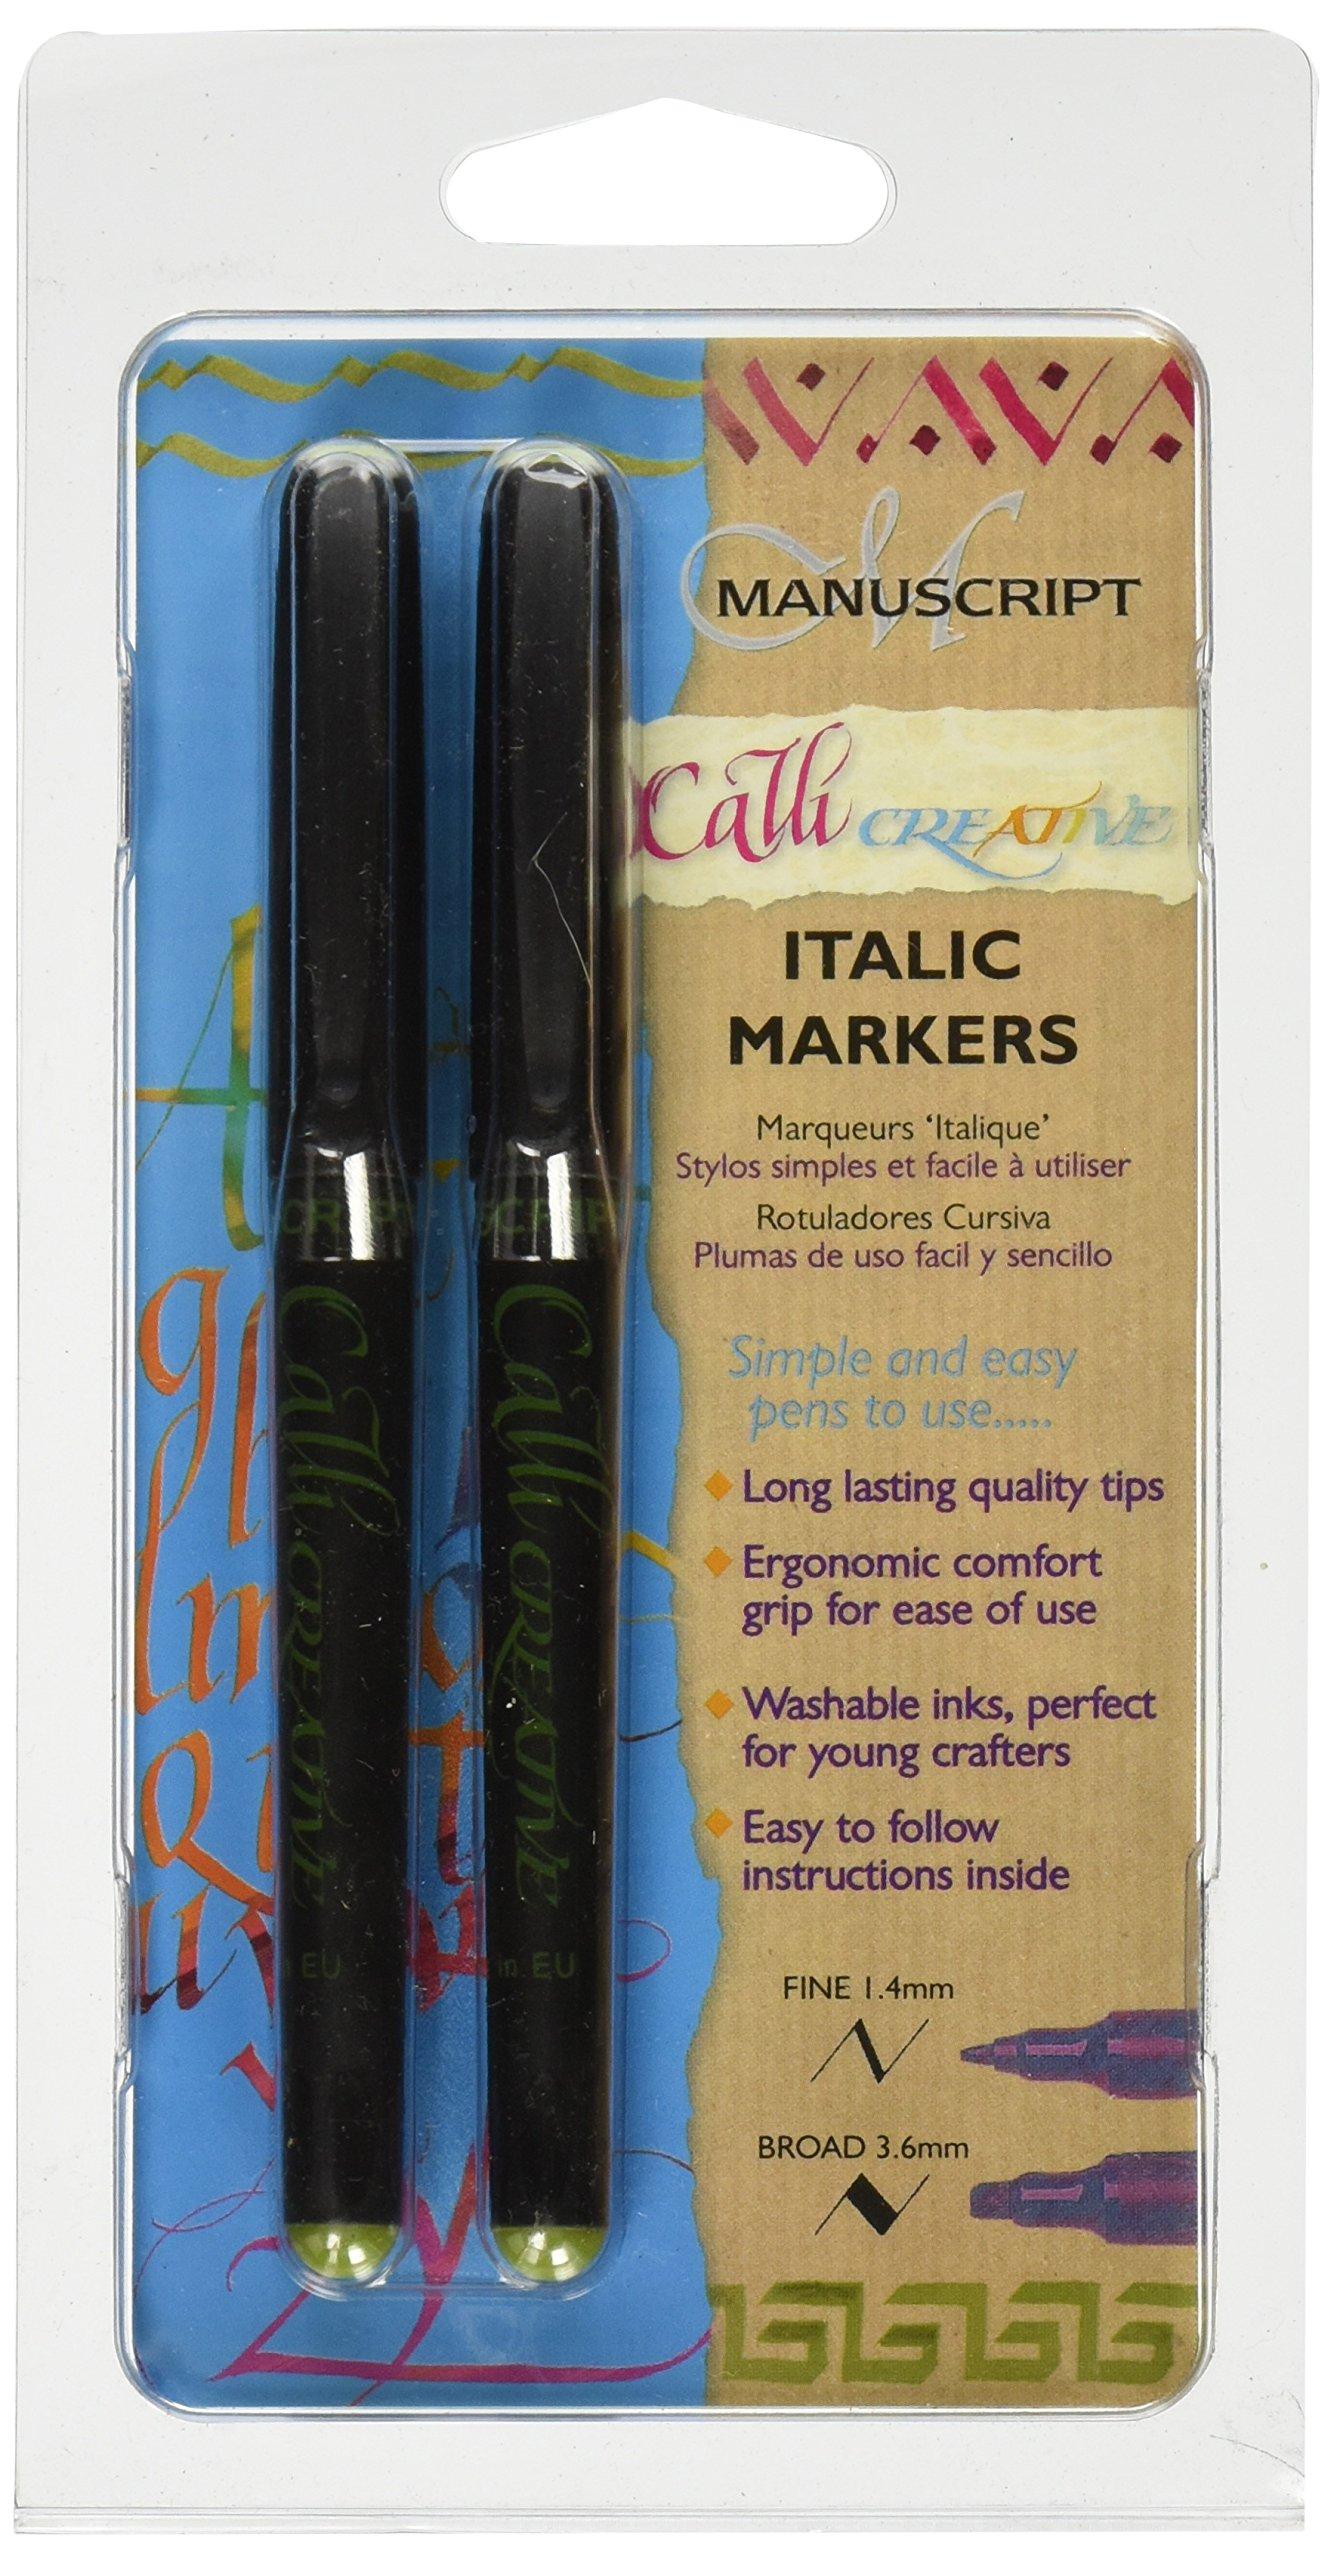 Manuscript - Pennarelli Callicreative per scrittura corsiva, confezione da 2, colore verde